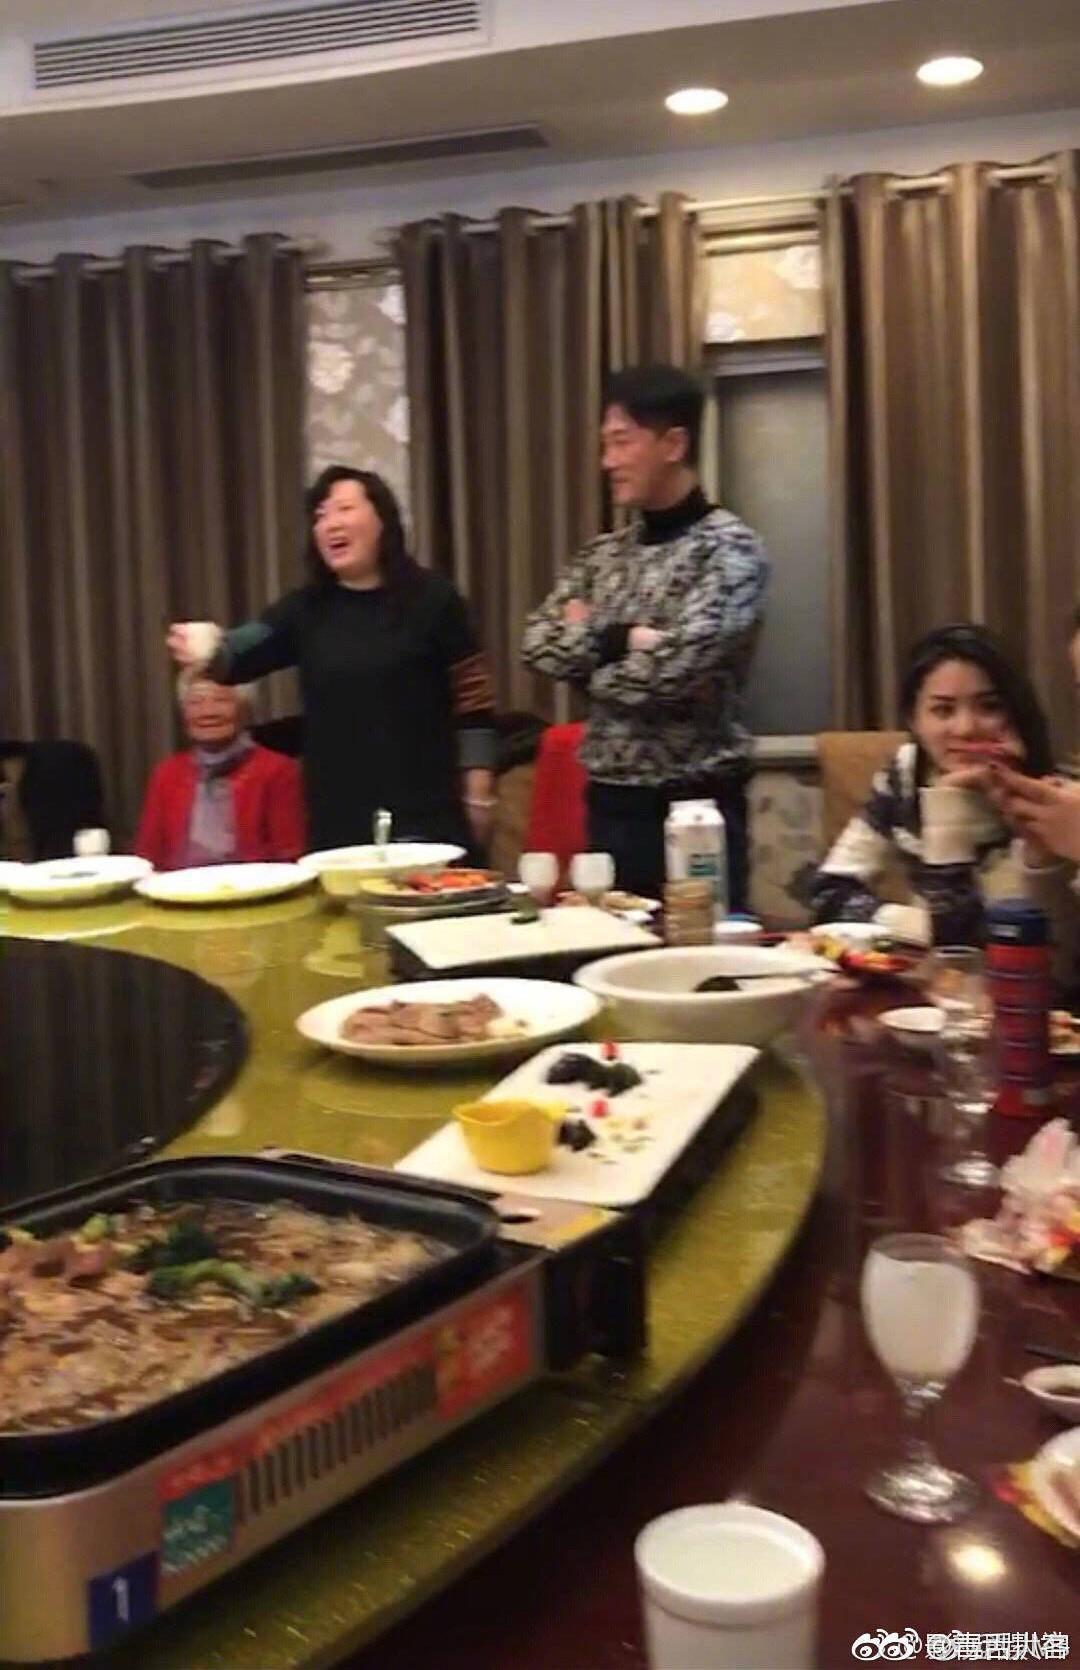 Lâm Phong về quê bạn gái kém 11 tuổi ra mắt họ hàng, rộ nghi vấn chuẩn bị làm đám cưới trong năm Kỷ Hợi - Ảnh 1.